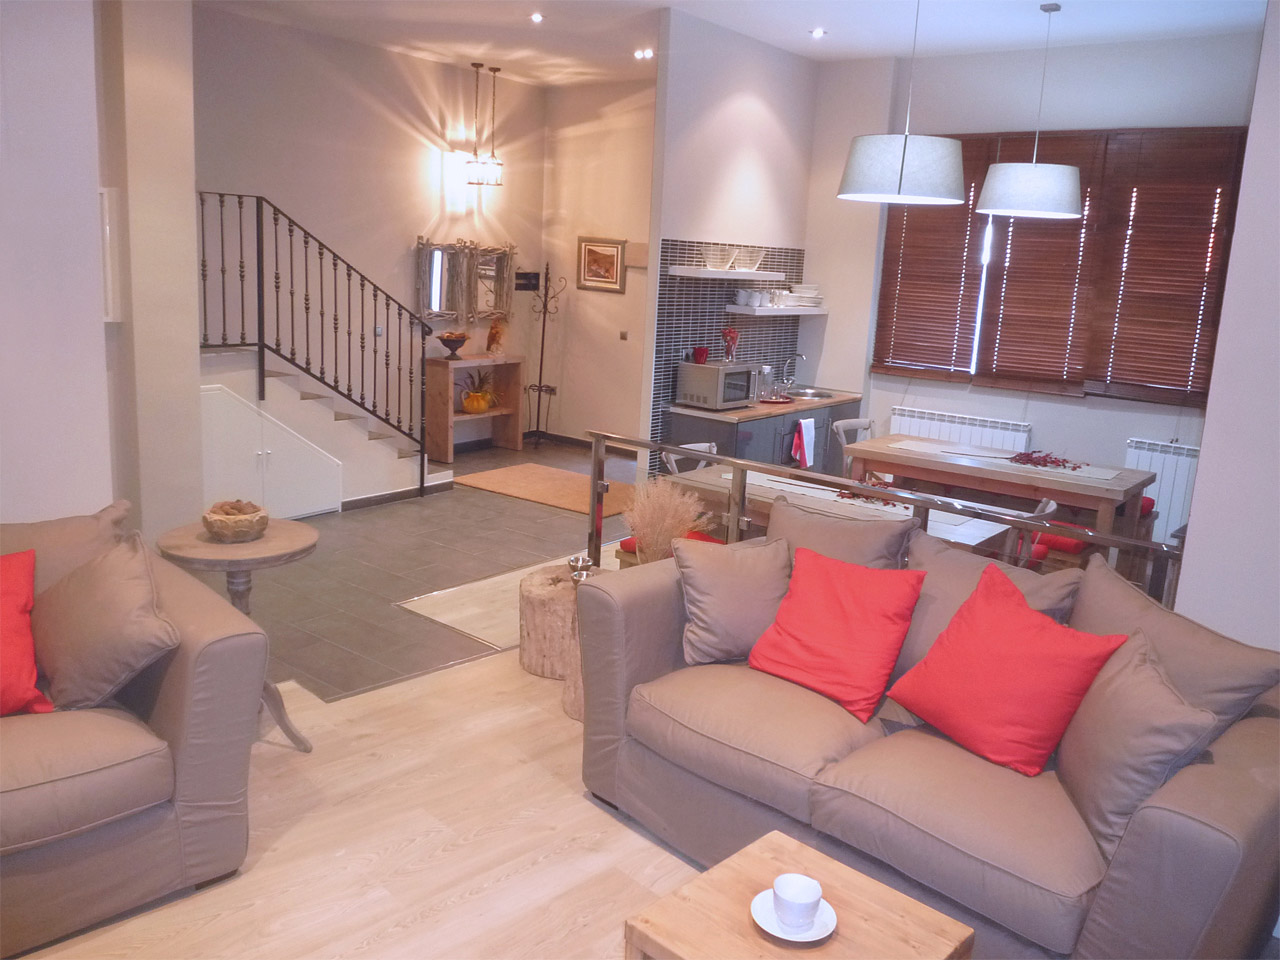 imagen de la sala de estar y la escalera de acceso a las en el